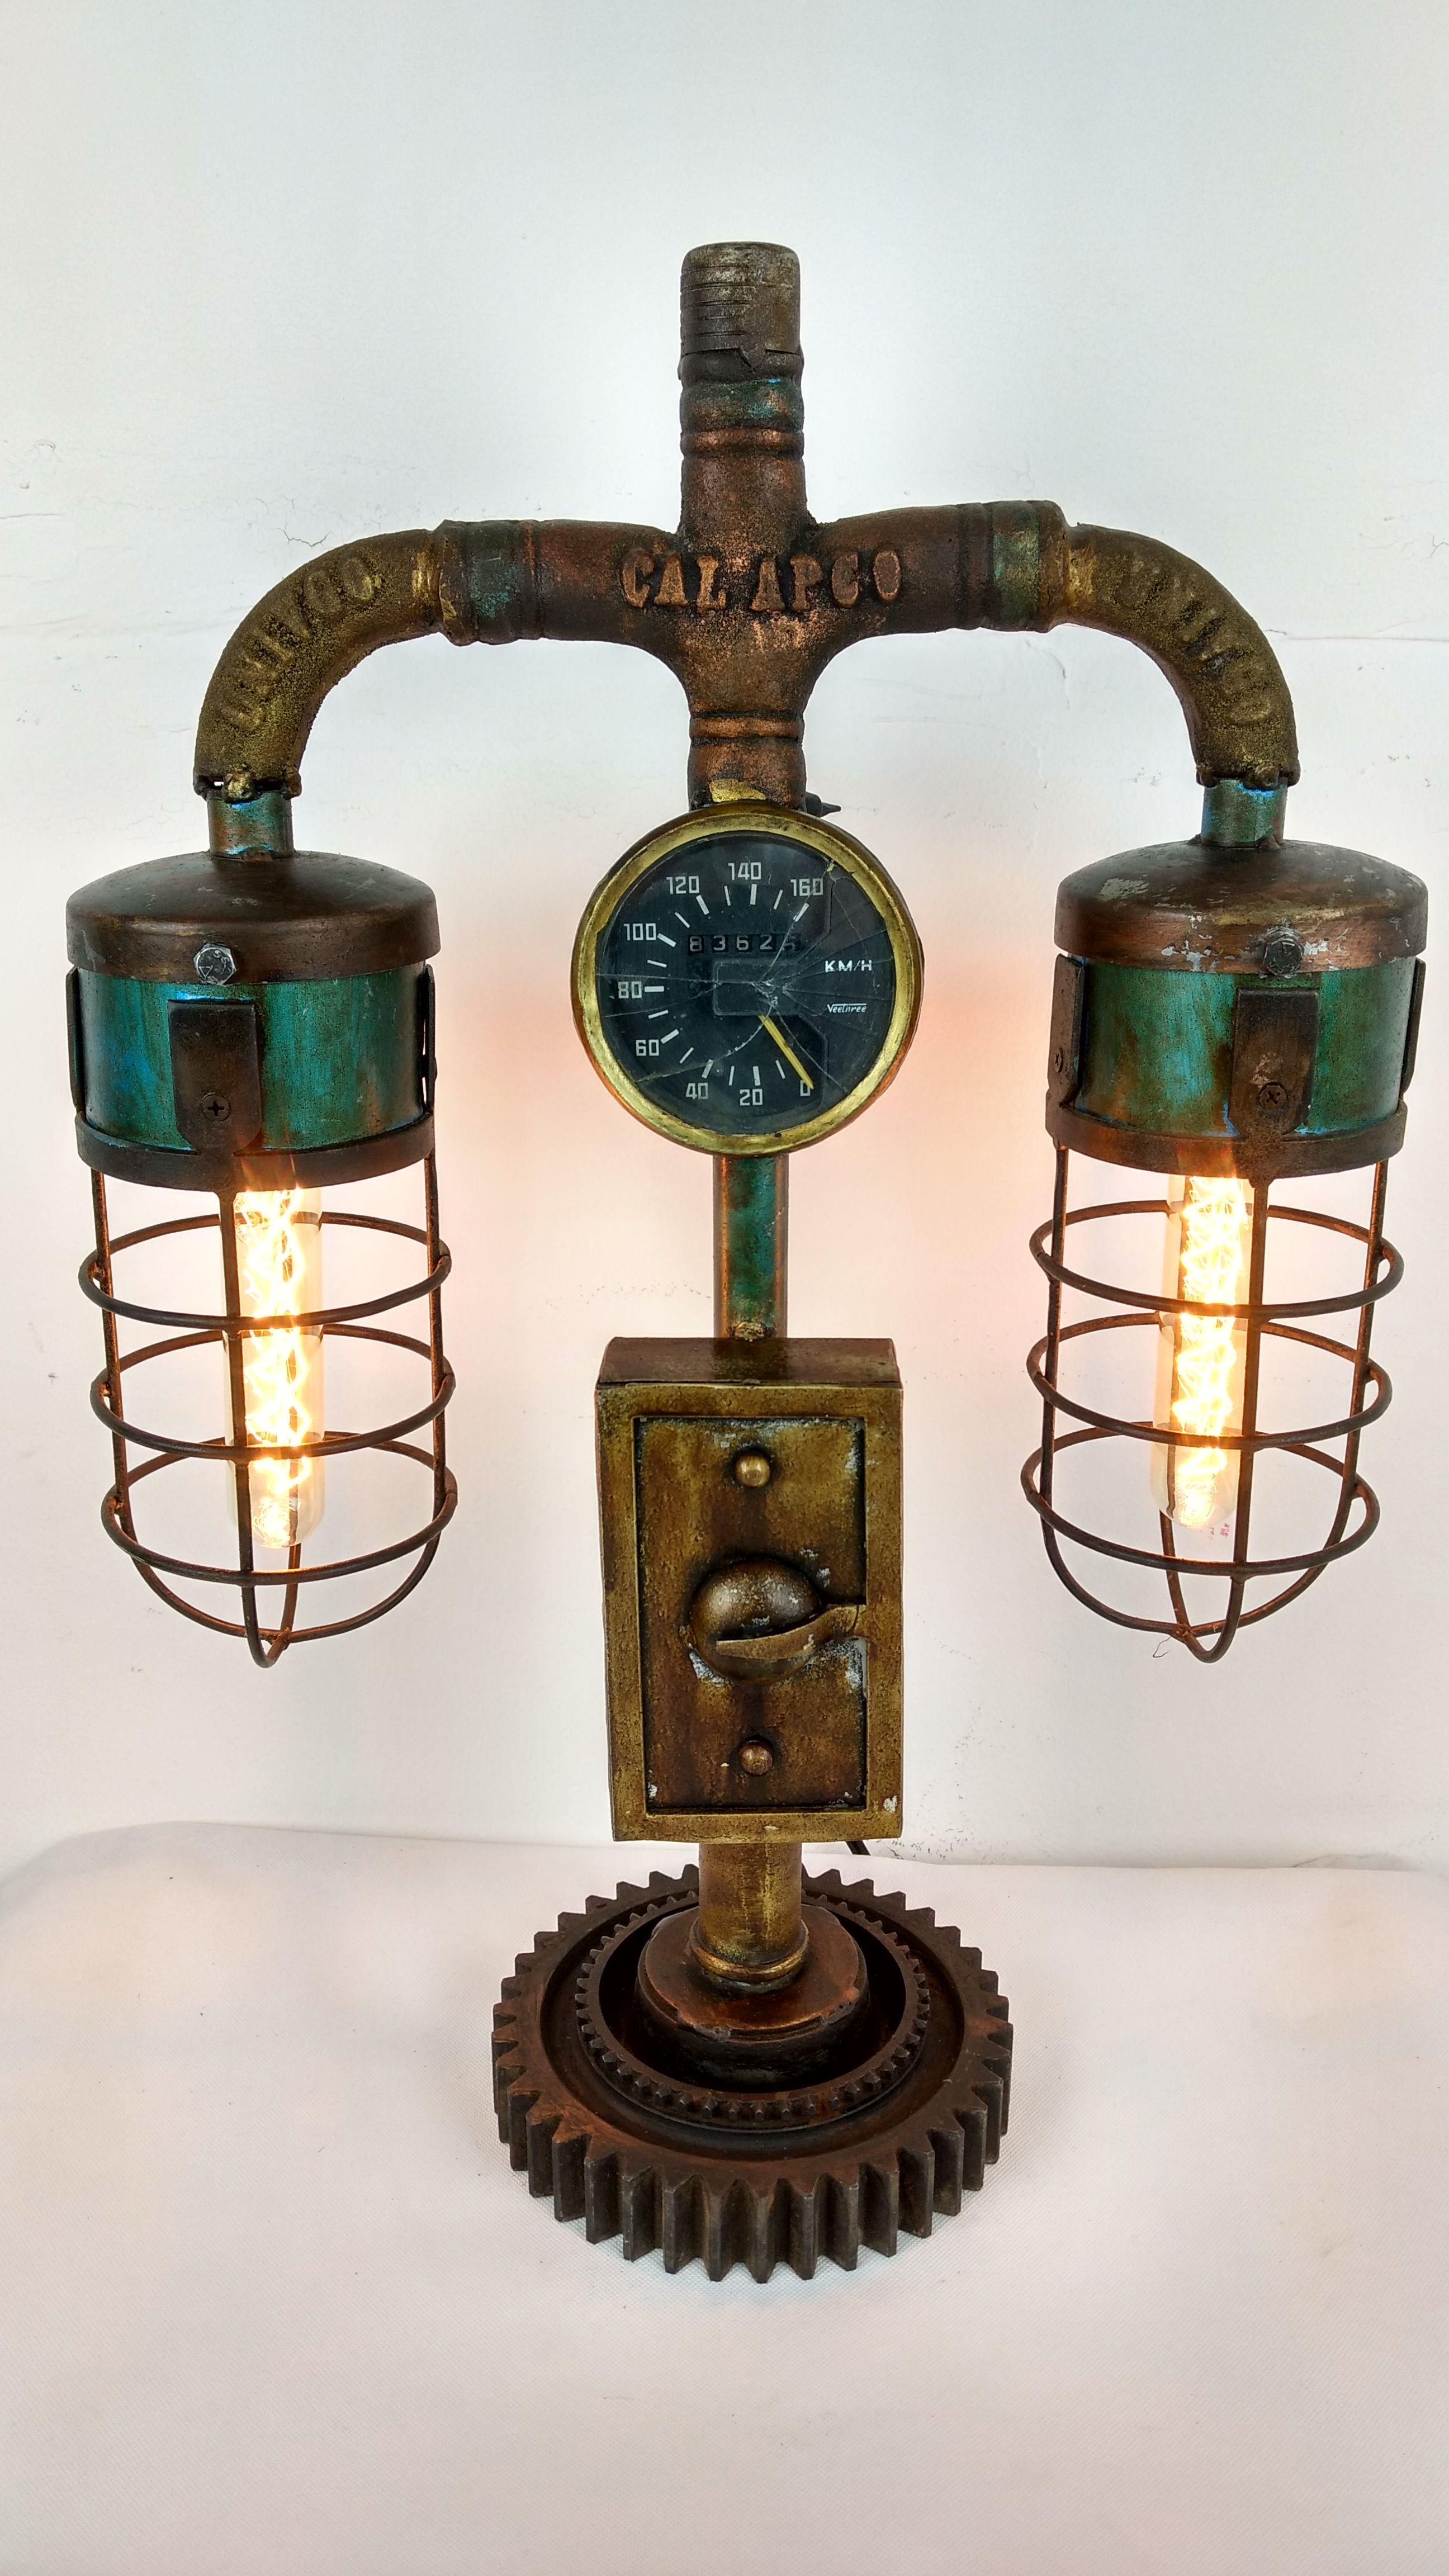 Tischlampe Vintage Lampe Tischleuchte Metall Rohr Industrial Leuchte 43x19x62 Cm Retro Look Lampe Design Lampen Coole Lampen